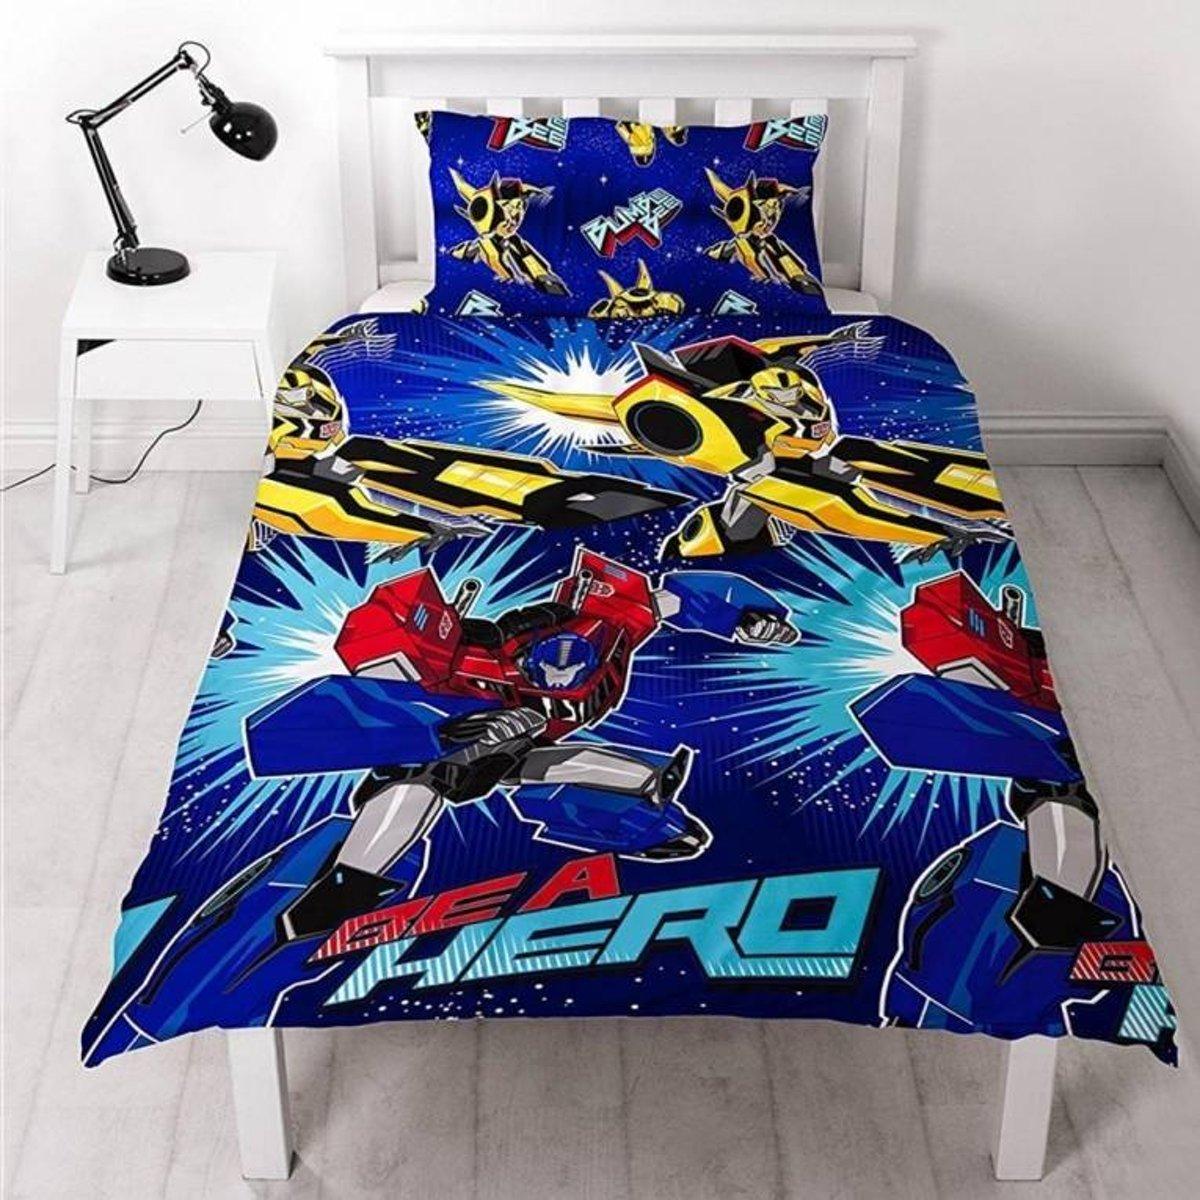 Transformers Hero - Dekbedovertrek - Eenpersoons - 135 x 200 cm - Multi kopen